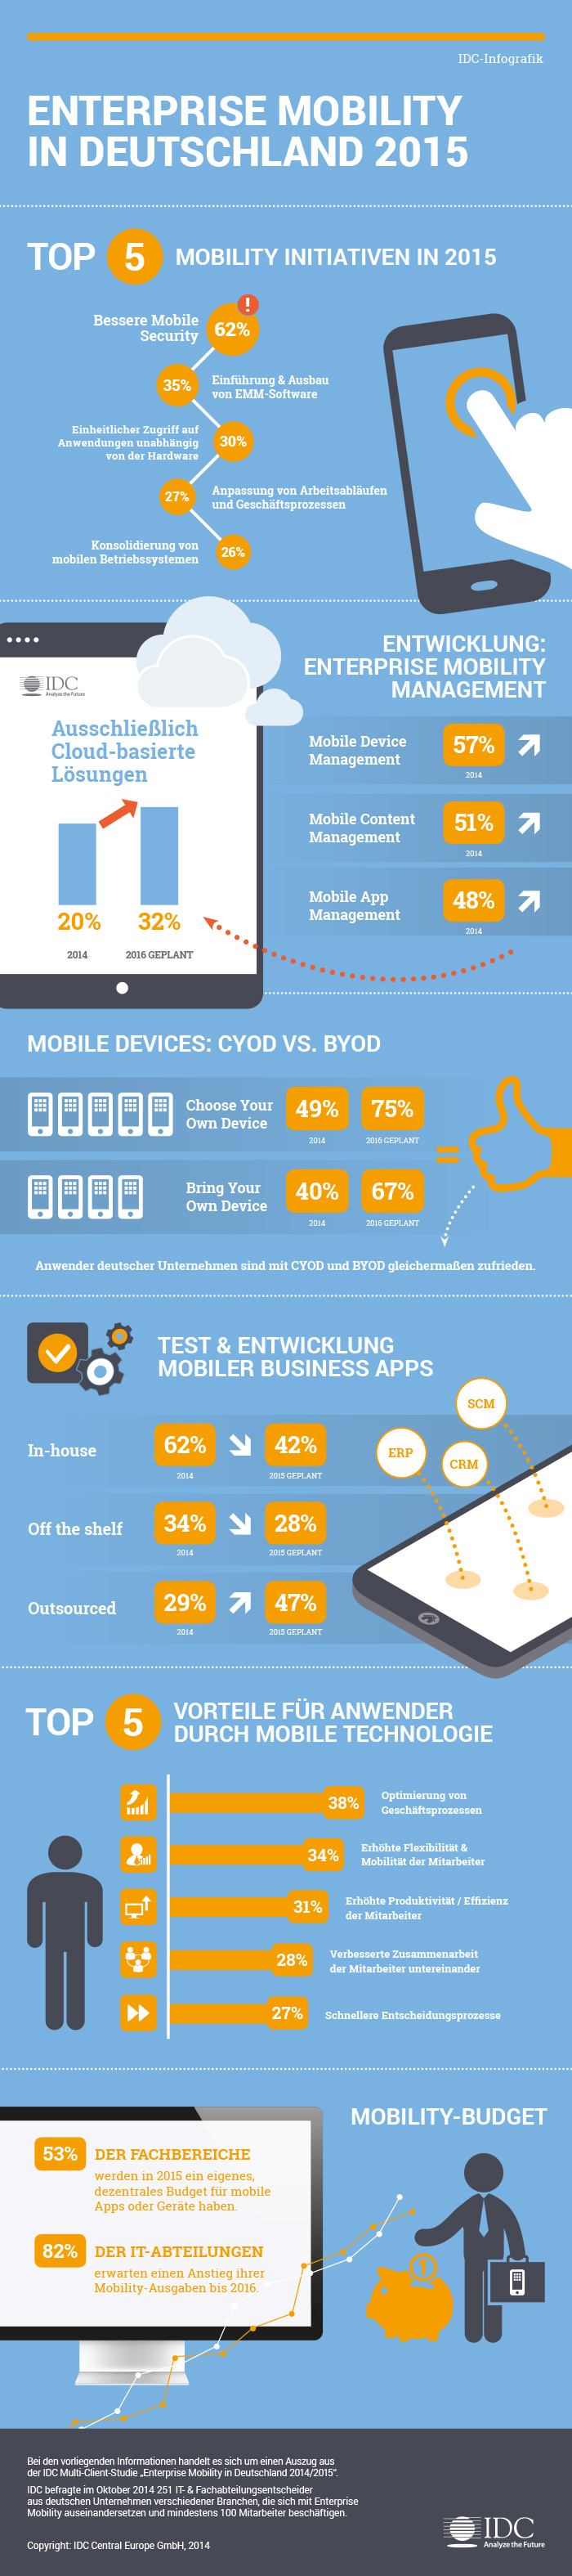 Die wichtigsten EMM-Trends in Deutschland 2015. (Bild: IDC)